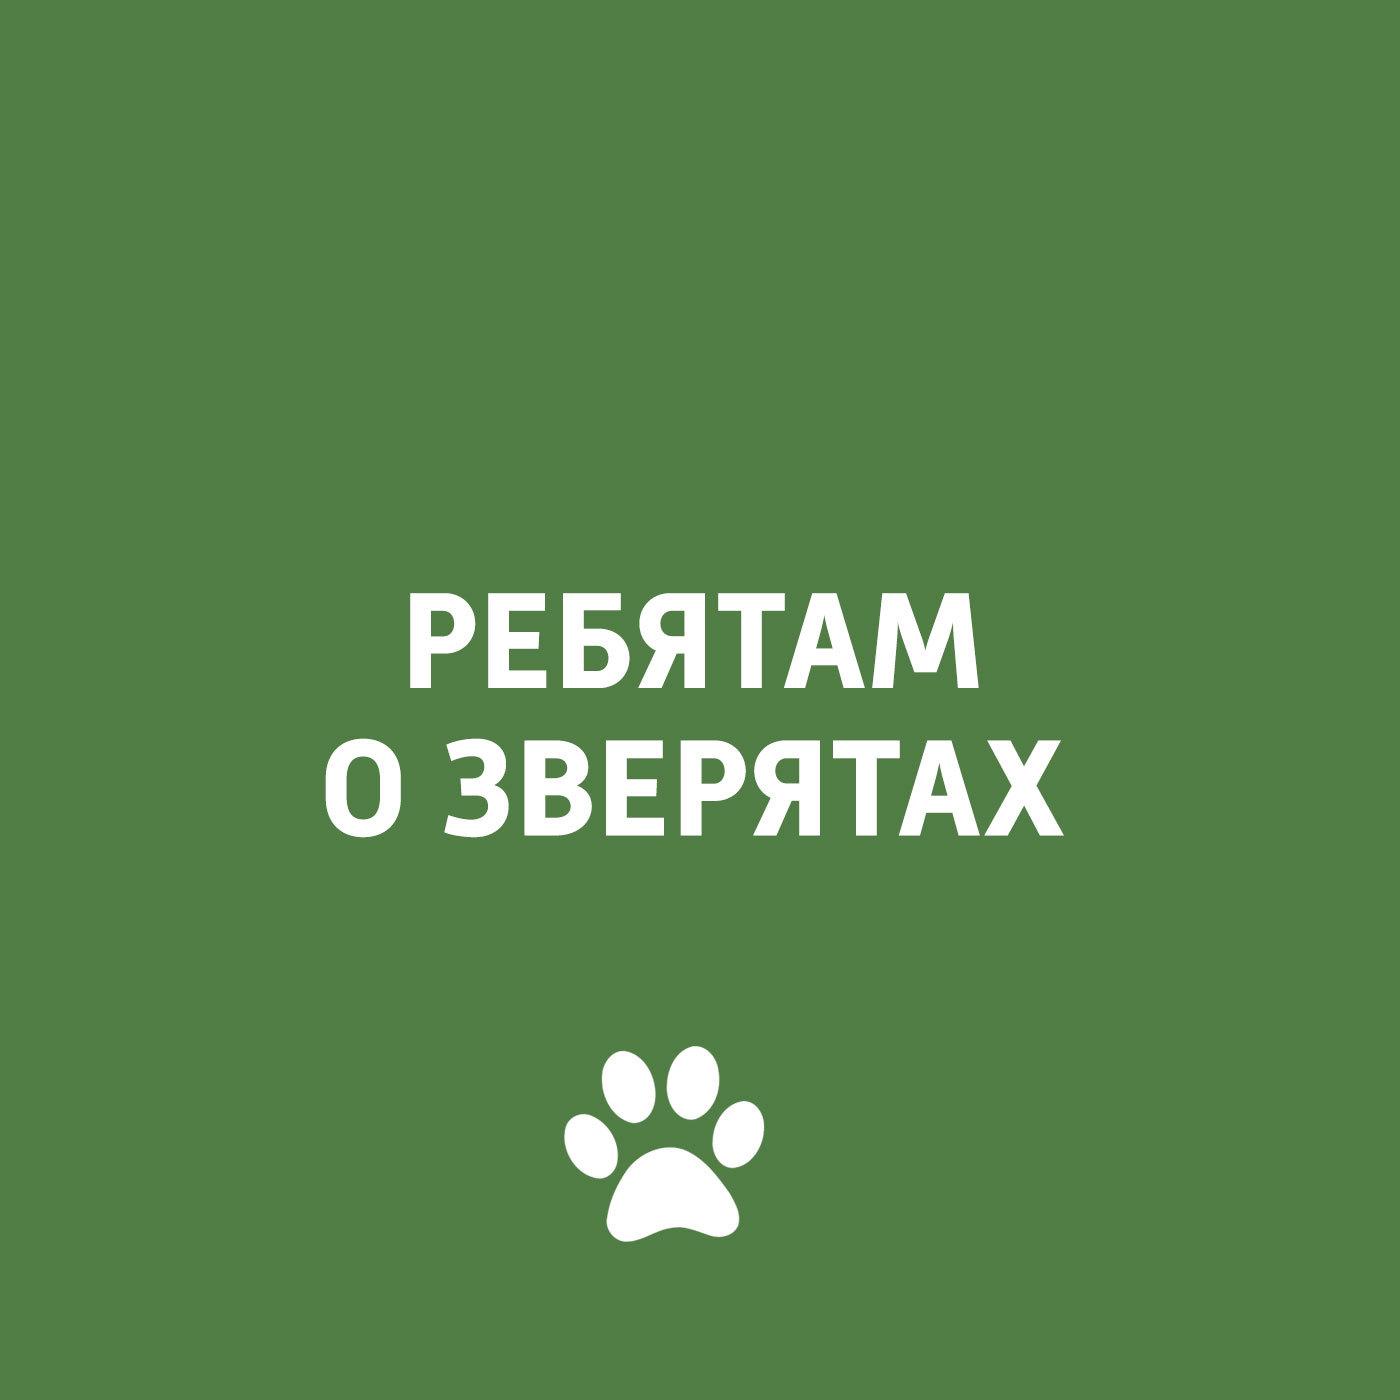 Творческий коллектив программы «Пора домой» Как воспитать собаку творческий коллектив программы пора домой вирусные заболевания у кошек и собак